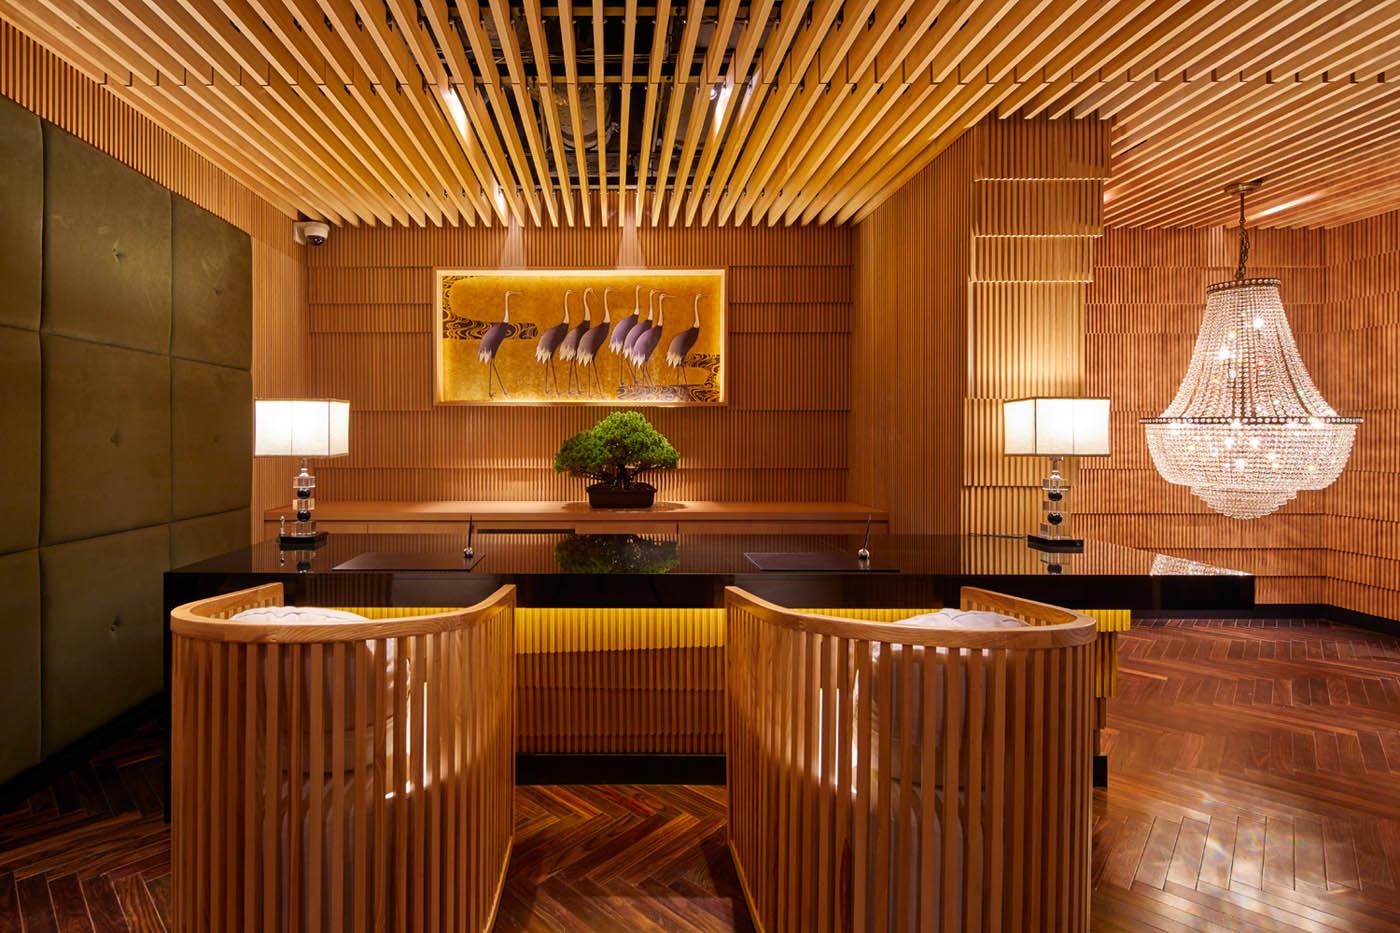 センチュリオンホテル、ハイエンドブランド<br>ハイソな街、赤坂にオープンいたしました!